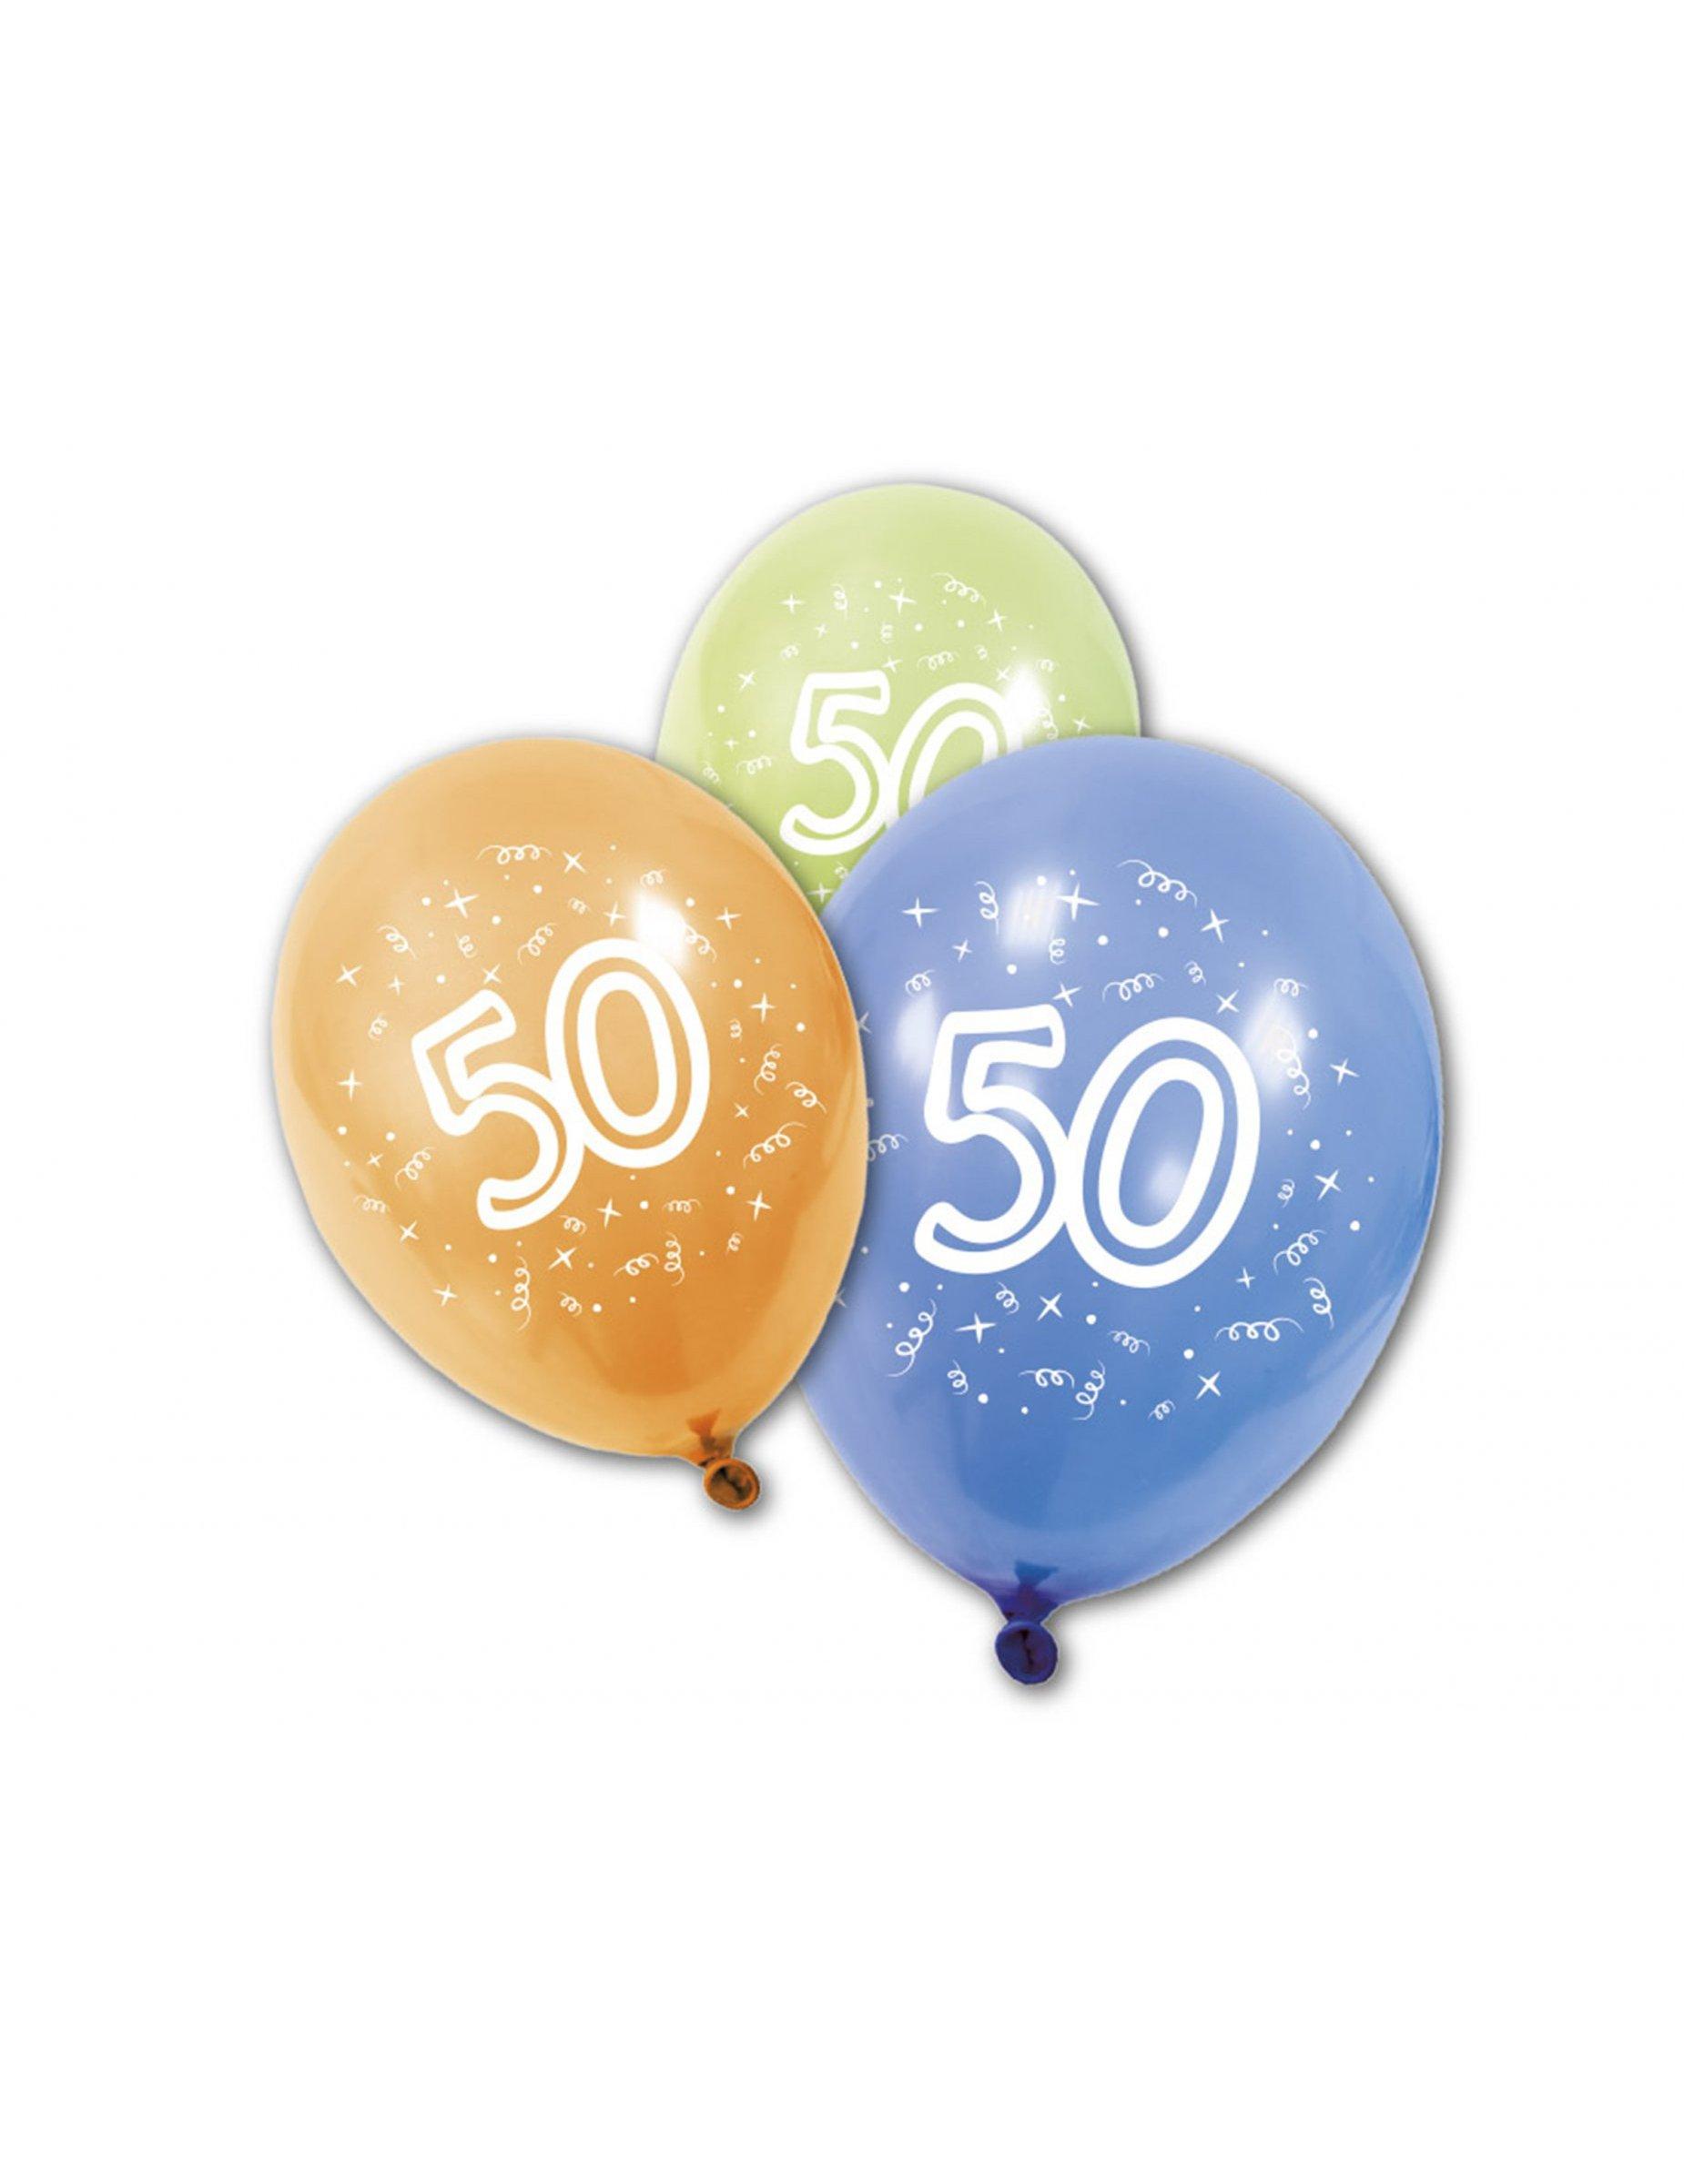 8 ballons anniversaire 50 ans achat de decoration animation sur vegaoopro grossiste en. Black Bedroom Furniture Sets. Home Design Ideas